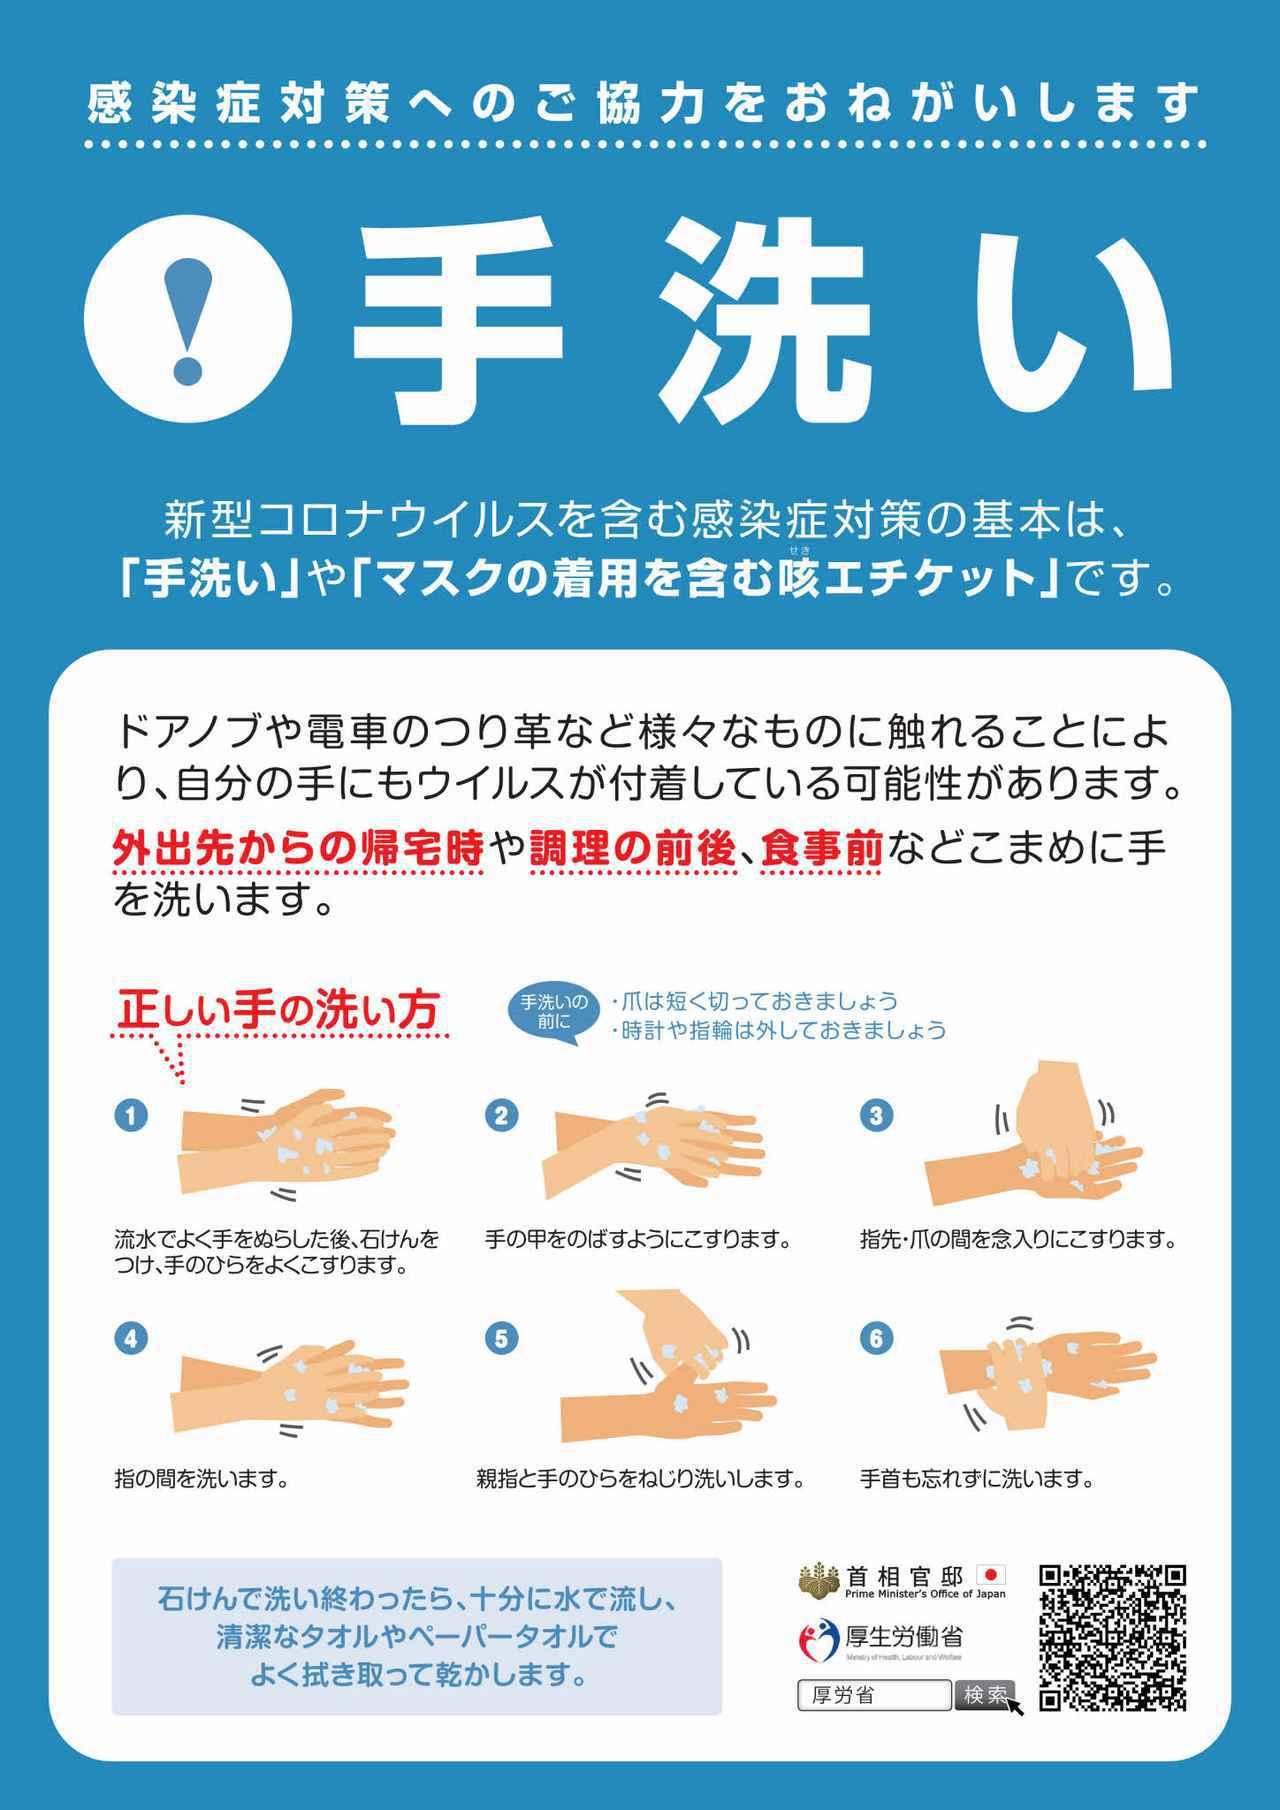 画像: 厚生労働省でも、新型コロナウイルス対策として「手洗い」の重要性を強く訴えていることからも、いかに手を媒介にした感染リスクが高いことがわかる。 www.mhlw.go.jp